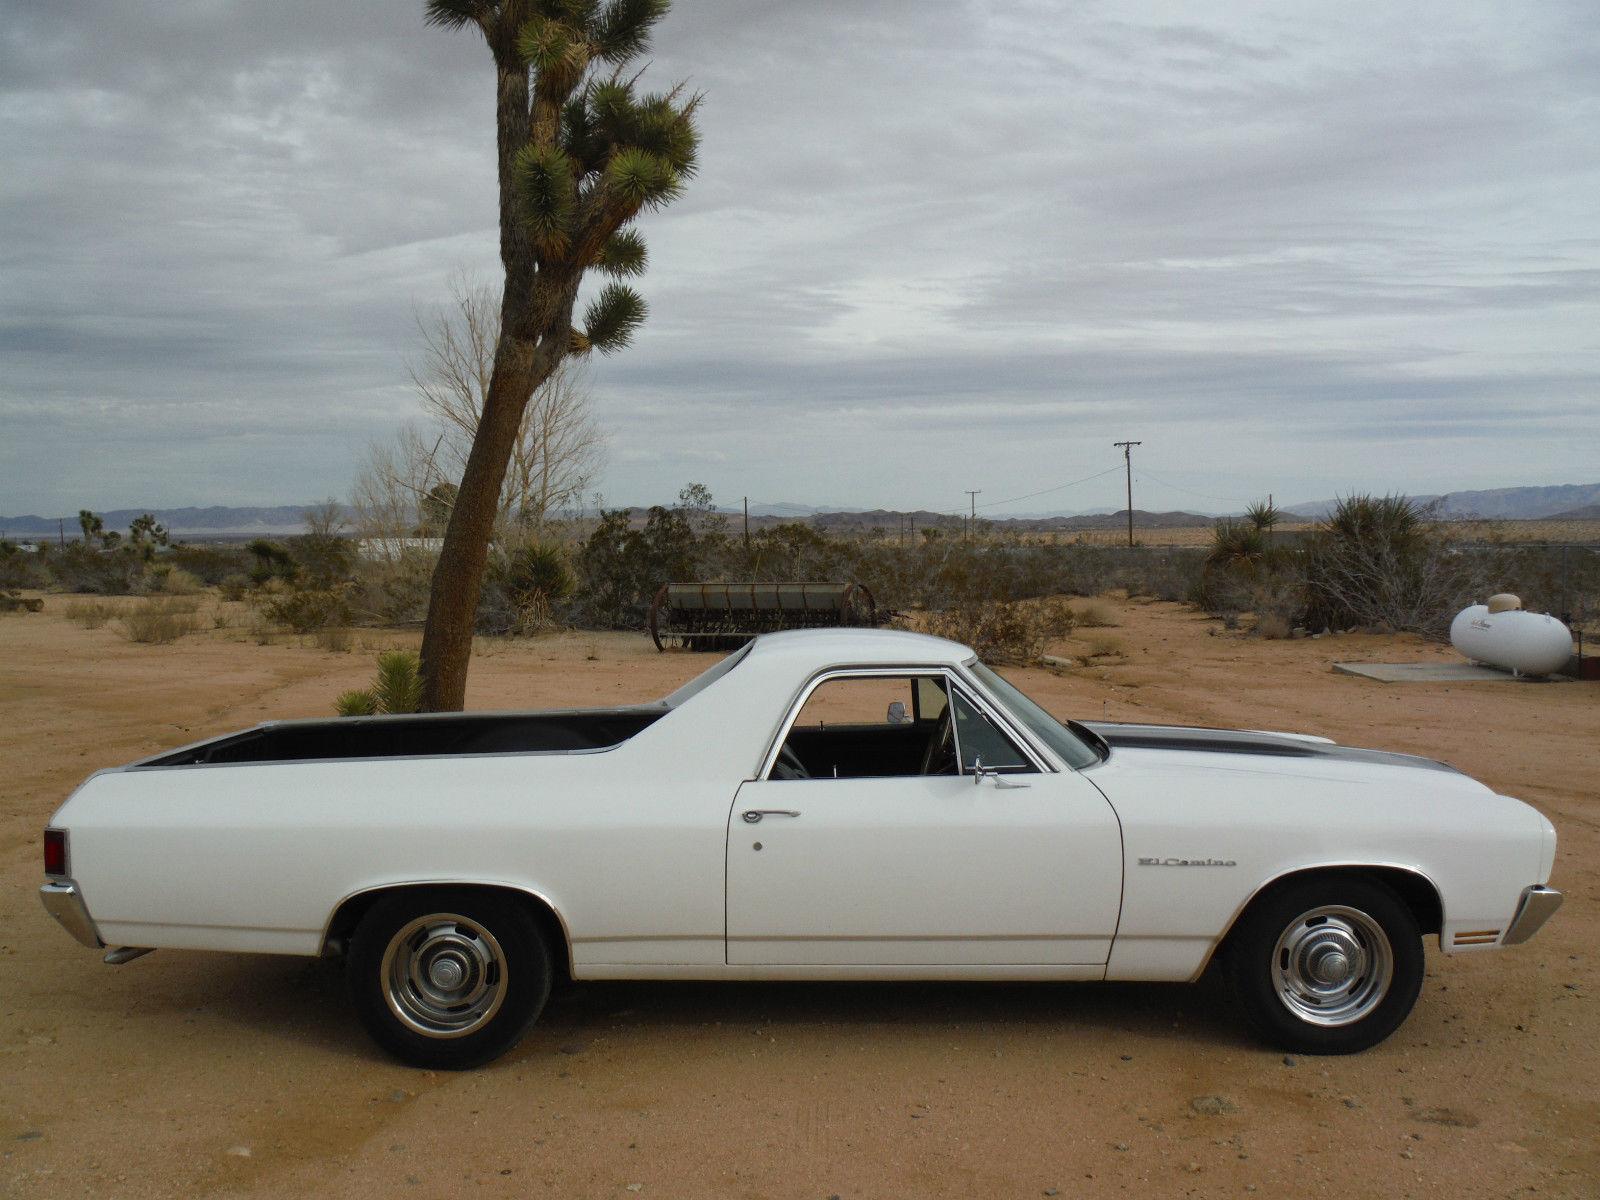 1970 El Camino 454 700r4 California Car Fun To Drive Rally Wheels 1954 Chevy Chevrolet Prevnext